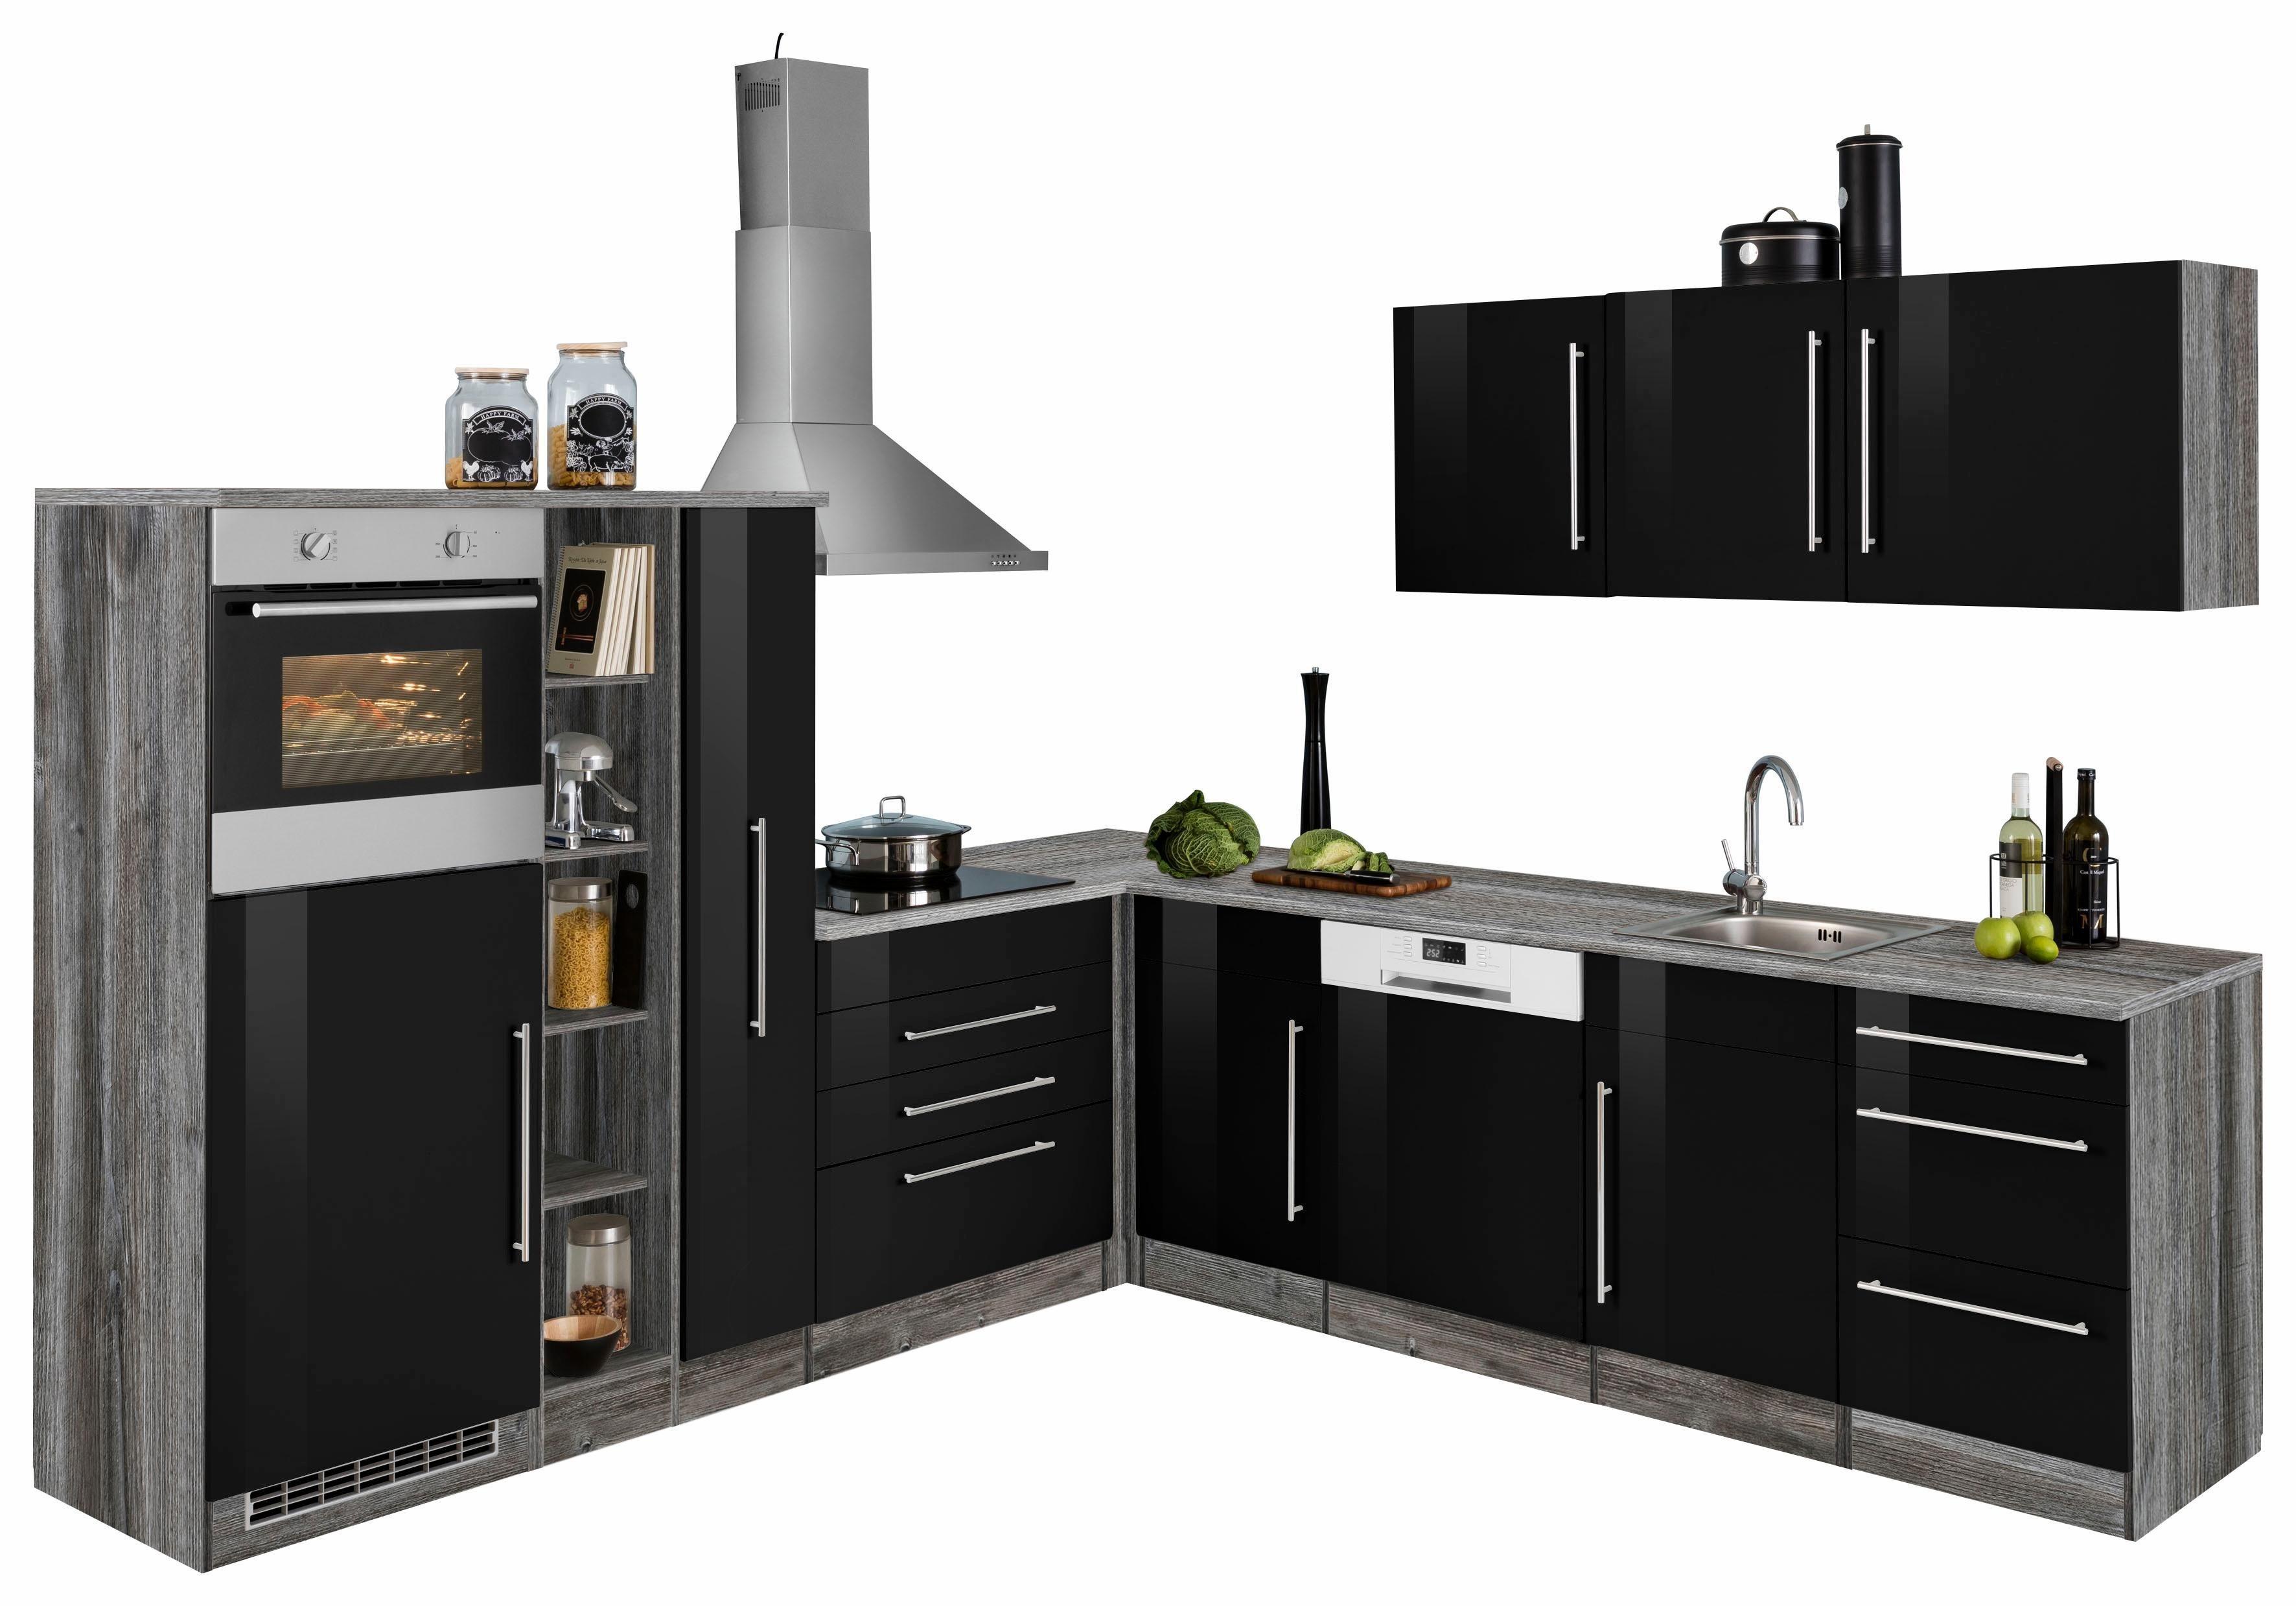 Küche und Esszimmer » Küchen online kaufen | Möbel-Suchmaschine ...